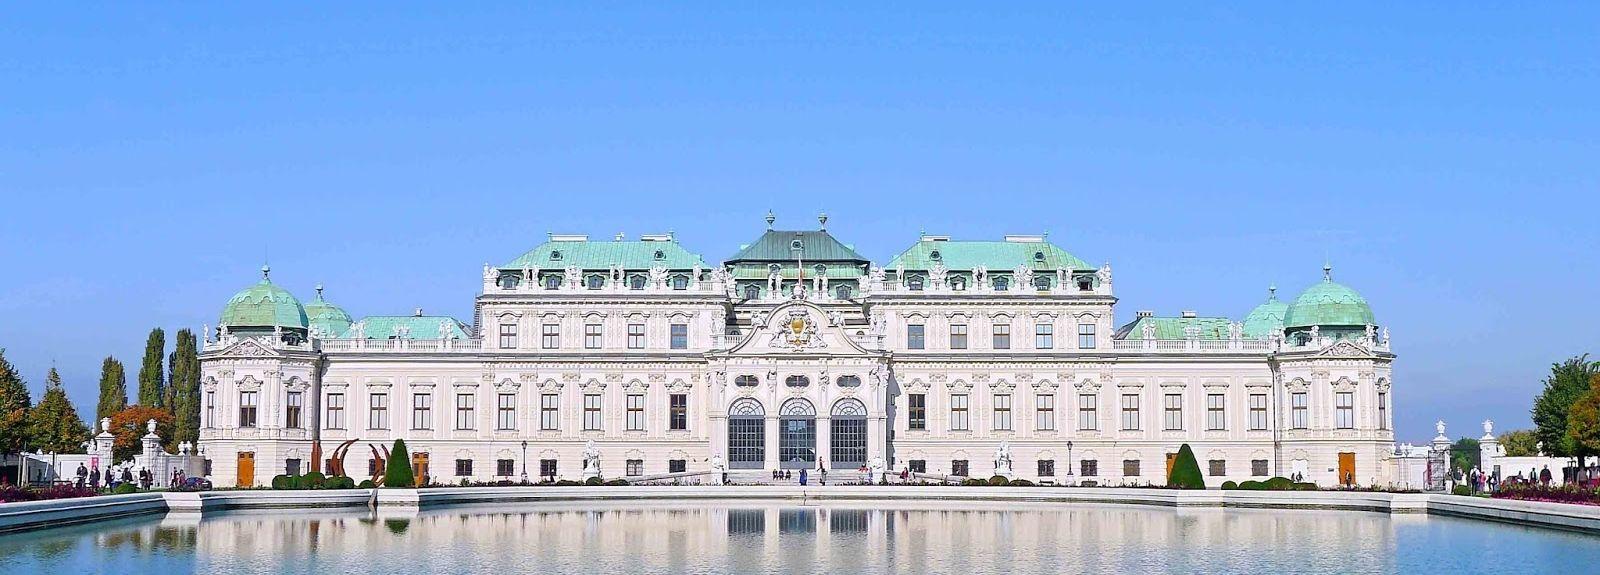 Wiener Rathaus, Wien, Niederösterreich, Österreich